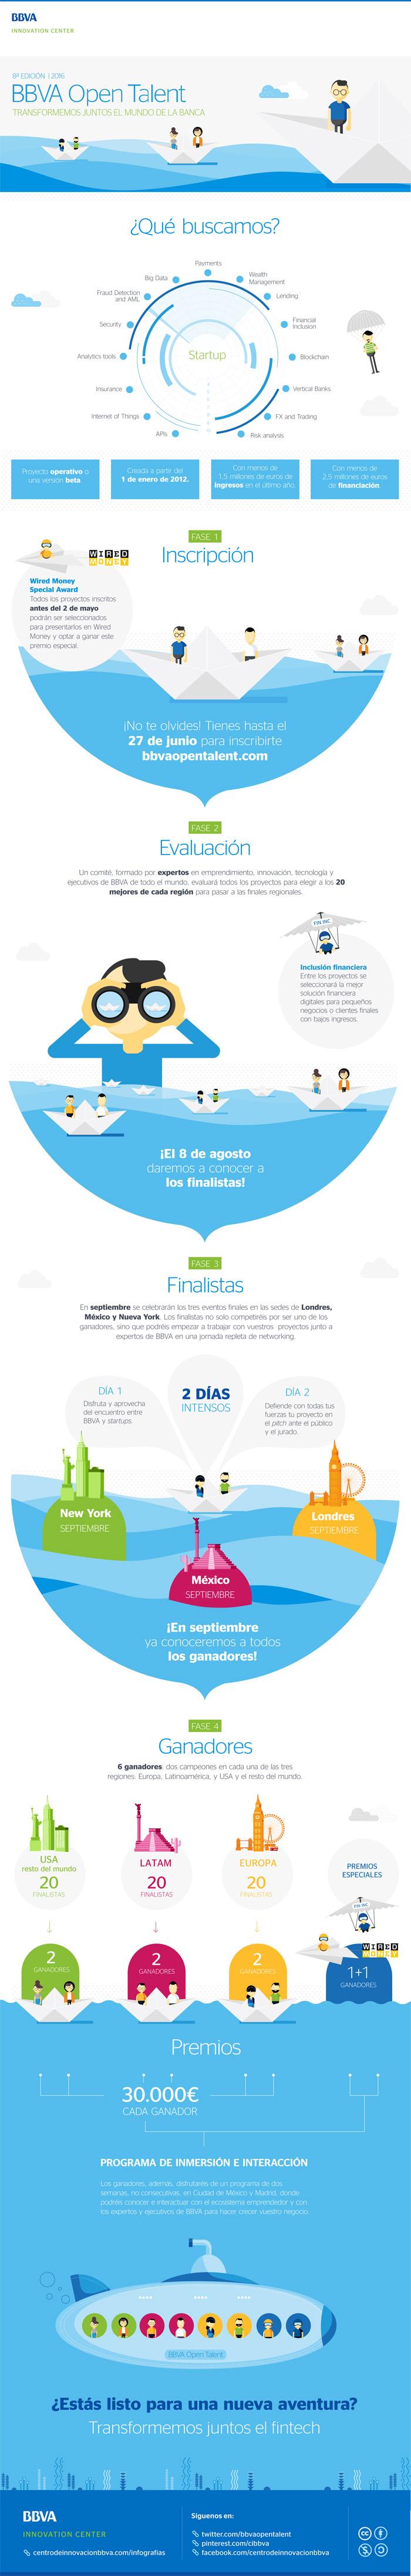 bbva_infografia_md